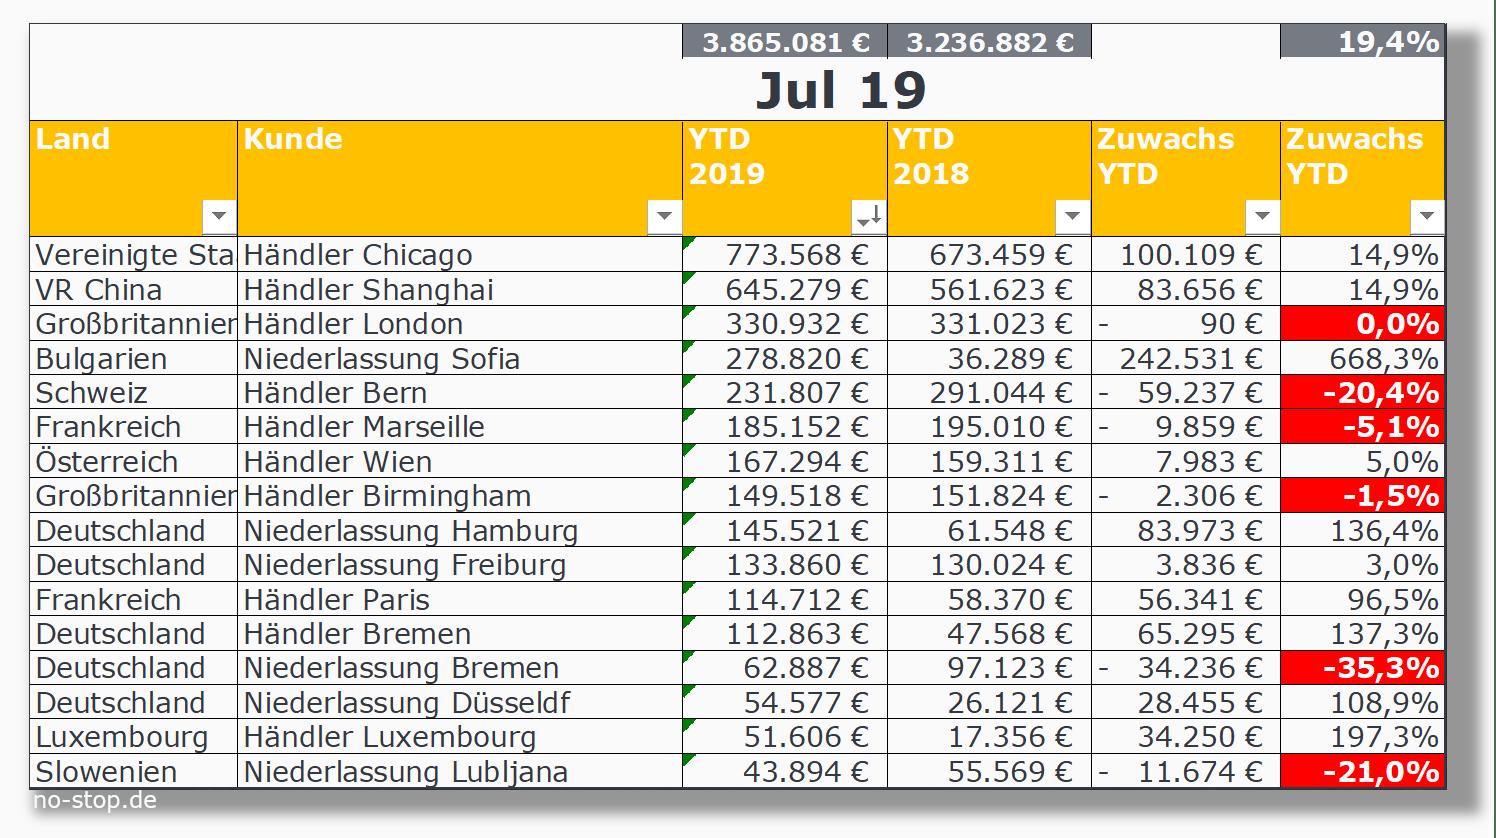 Monatliches Vertriebscontrolling für Ersatzteile auf Ebene YTD